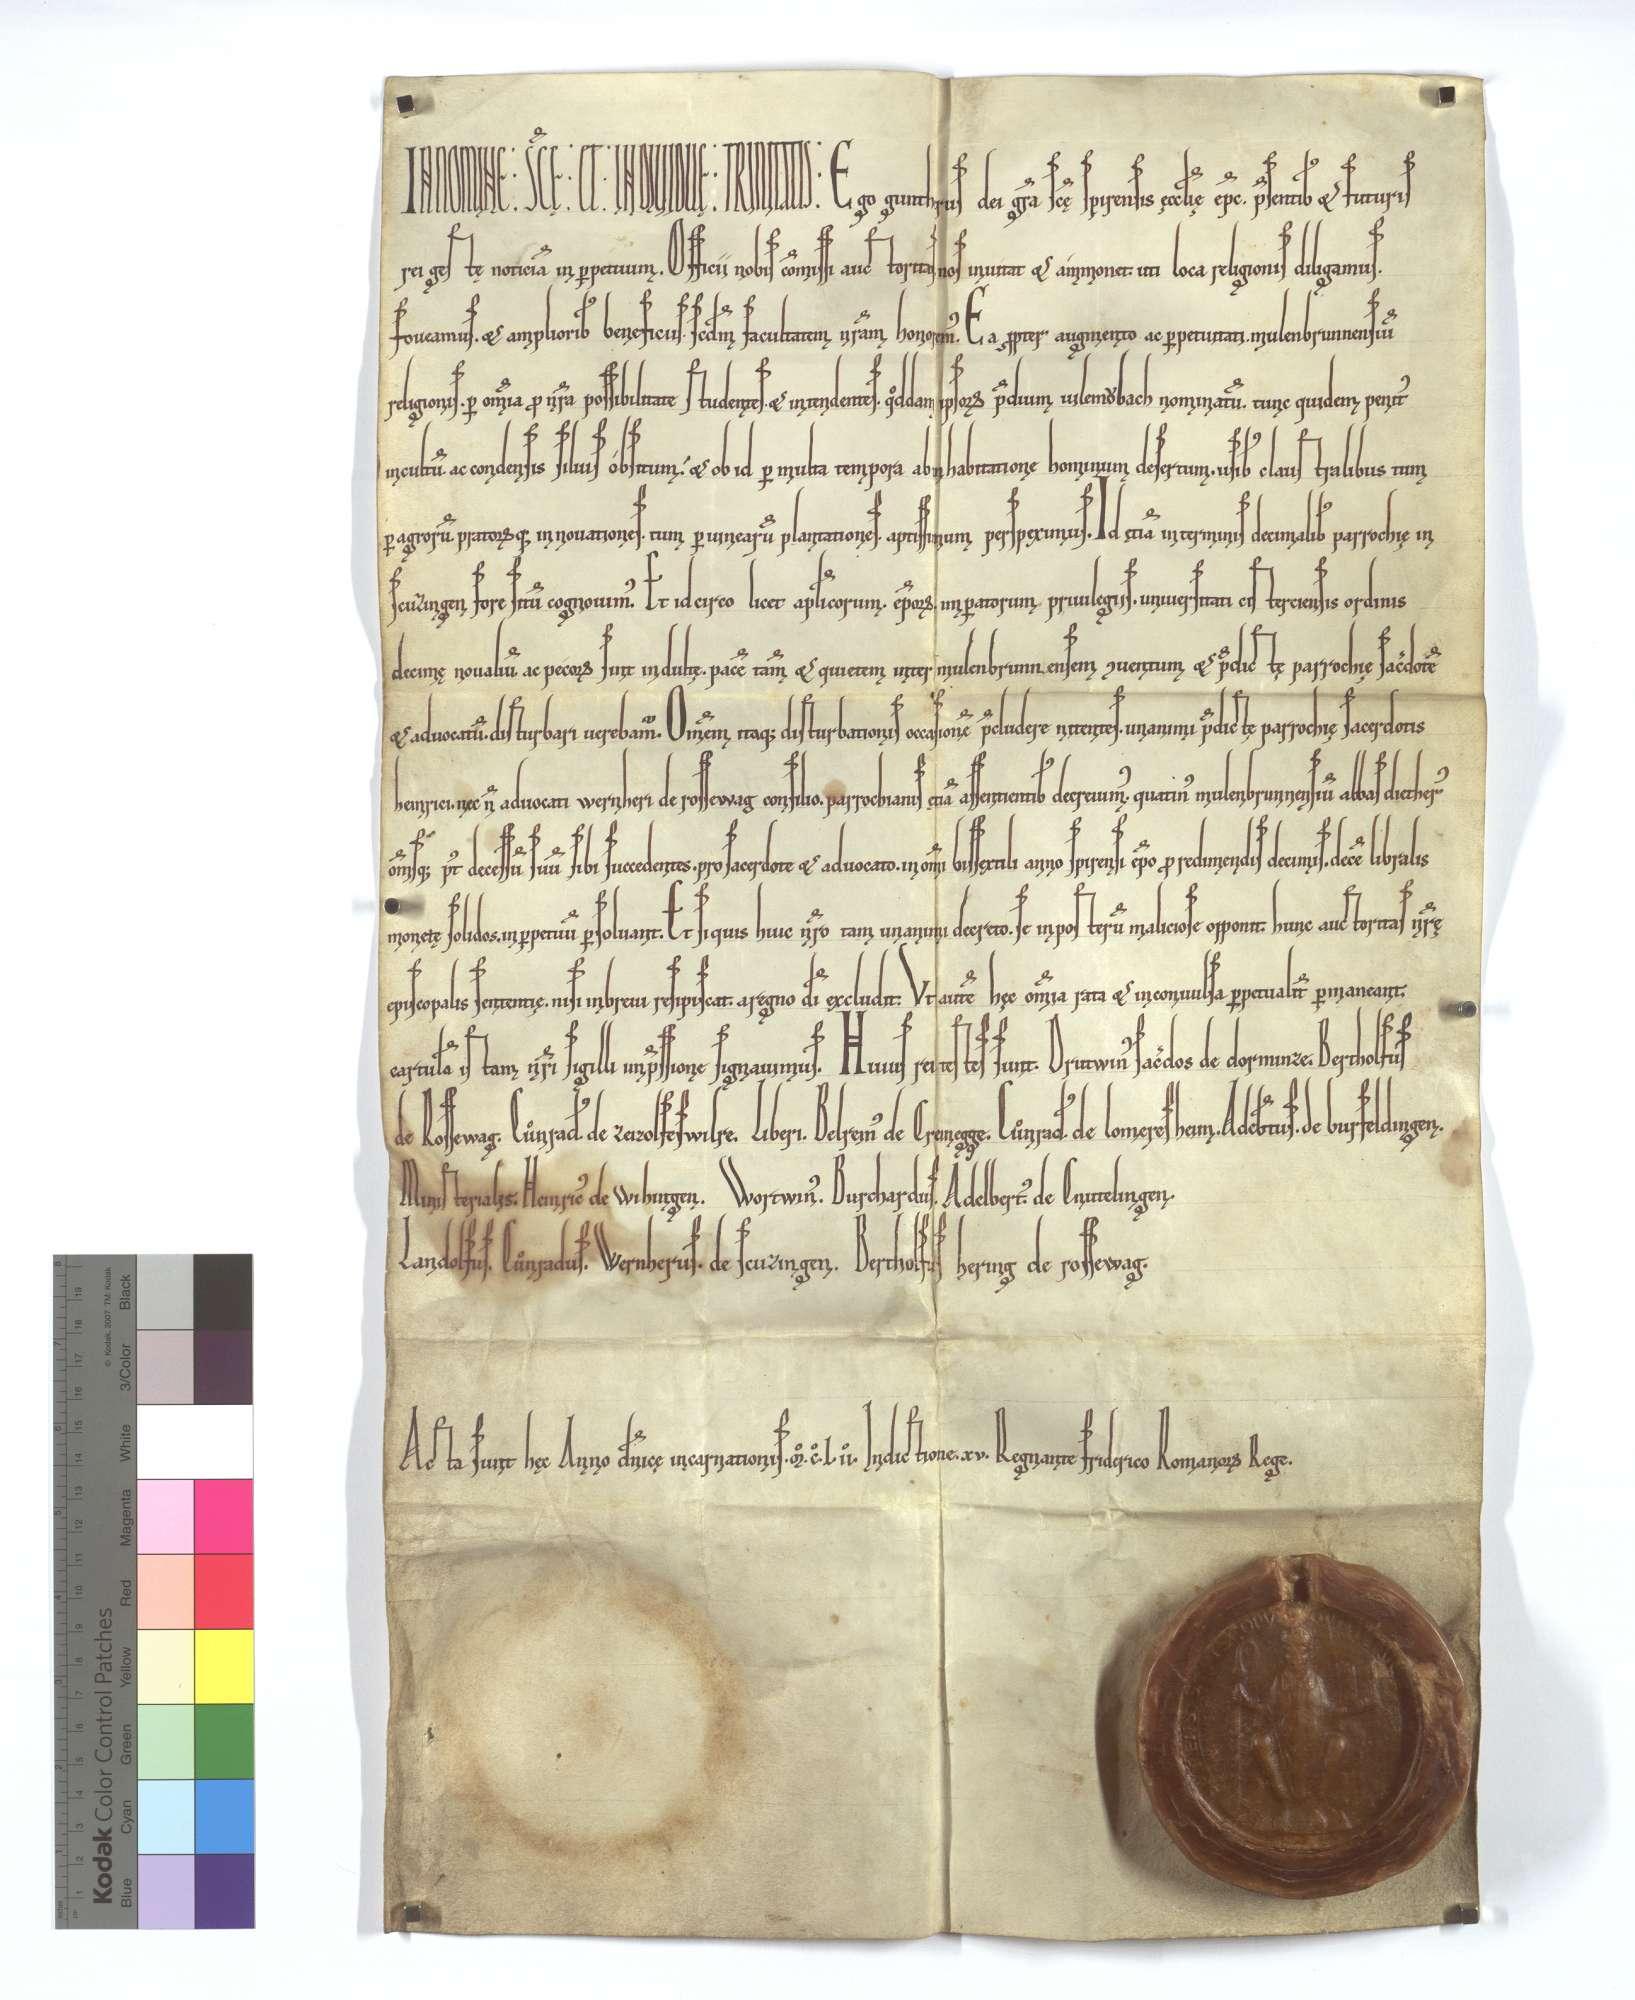 Bischof Günther von Speyer verordnet, dass das Kloster Maulbronn aus seinem in den Pfarrzehentbezirk von Schützingen gehörigen Hof Füllmenbach statt des Zehenten alle Schaltjahre eine genannte Geldabgabe zur Entschädigung der Berechtigten entrichten solle., Text